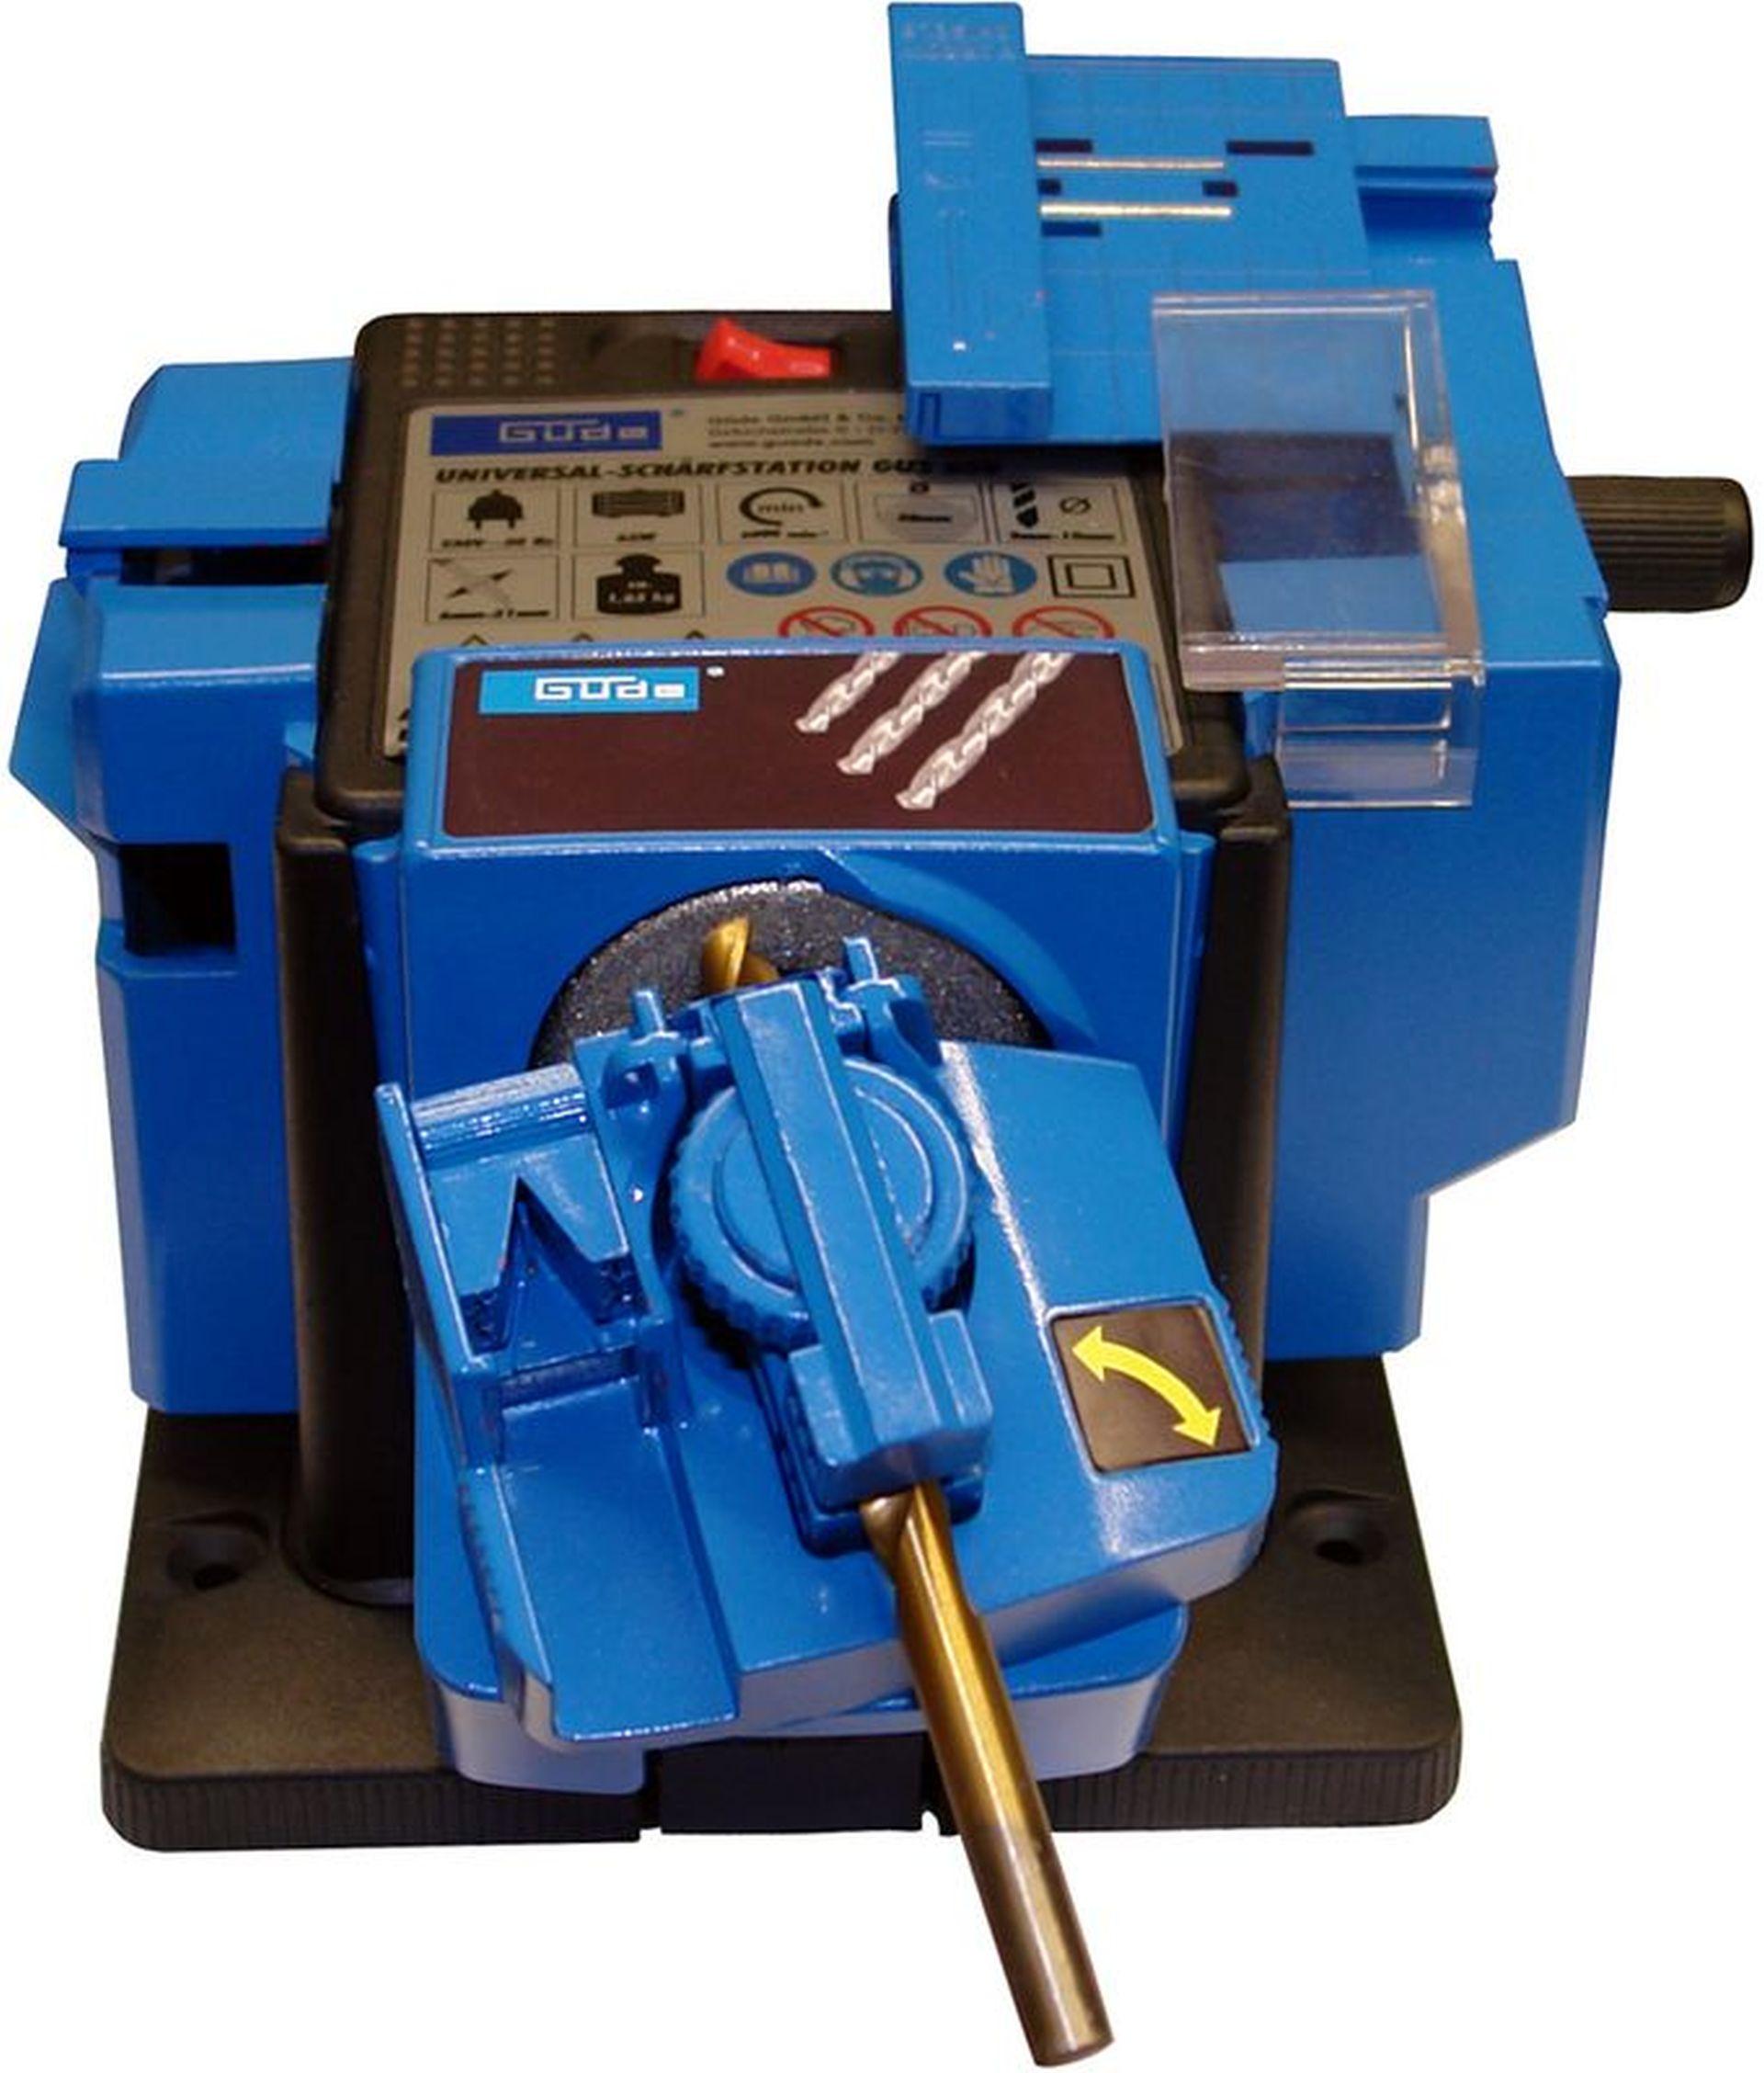 Güde 94102 GUS 650 Universal Schärfstation Schärfgerät Messerschleifer 24